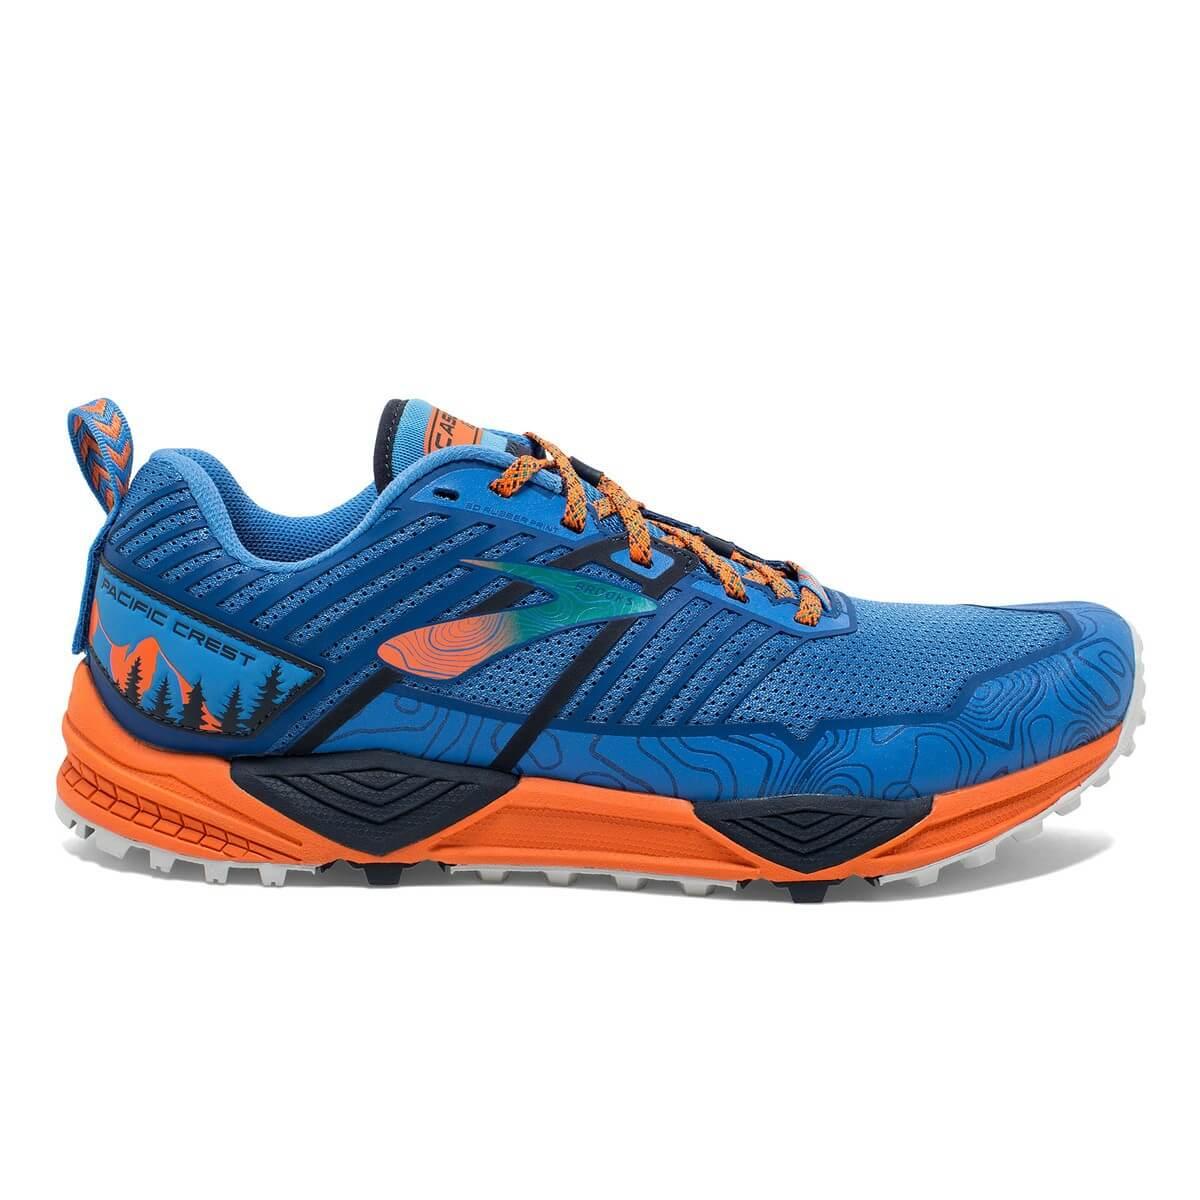 Orange Cascadia 13 running shoes